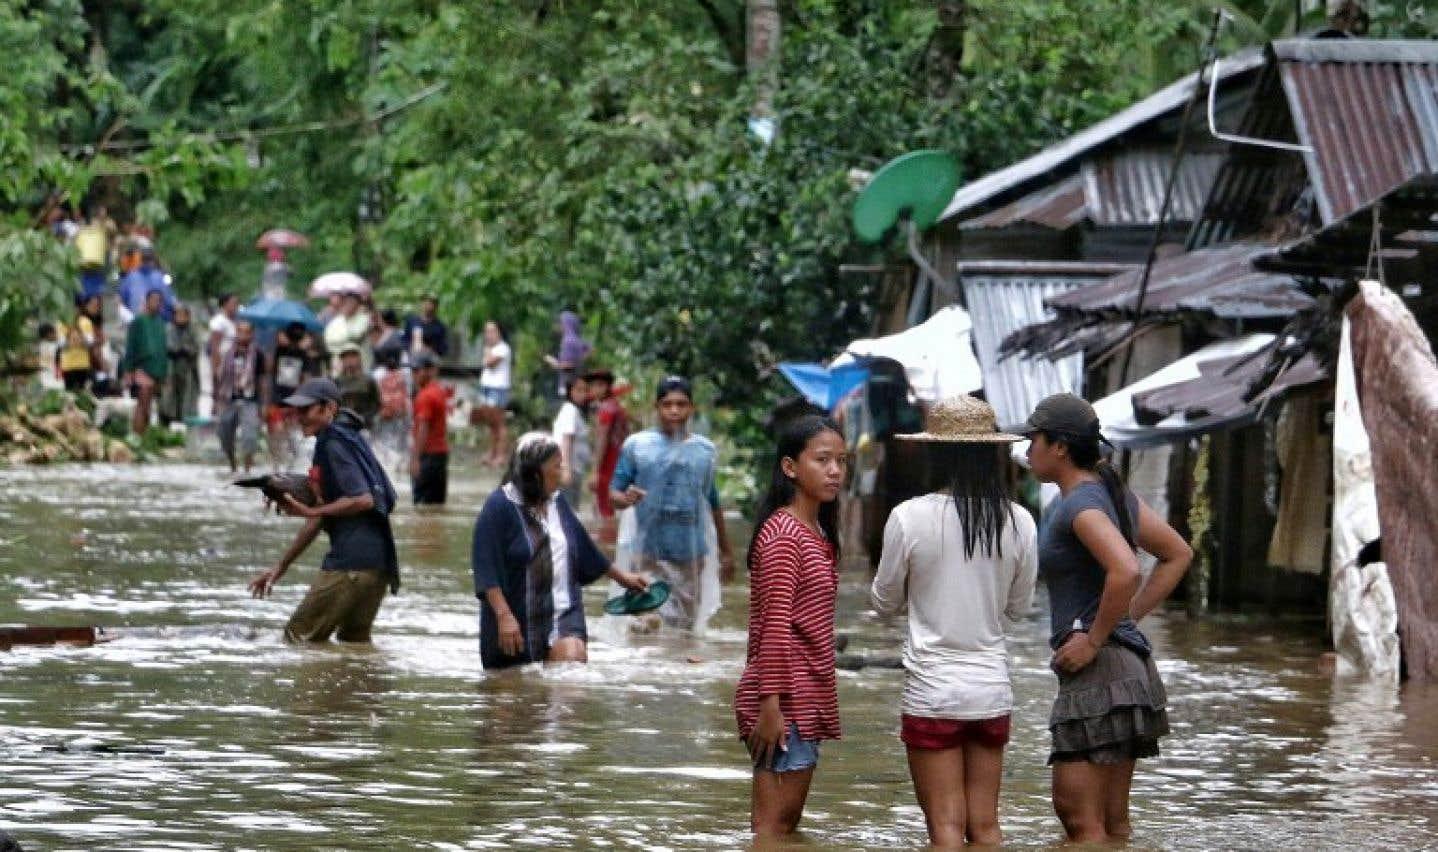 Les autorités ont mis en garde contre la possibilité d'inondations et de glissements de terrain.